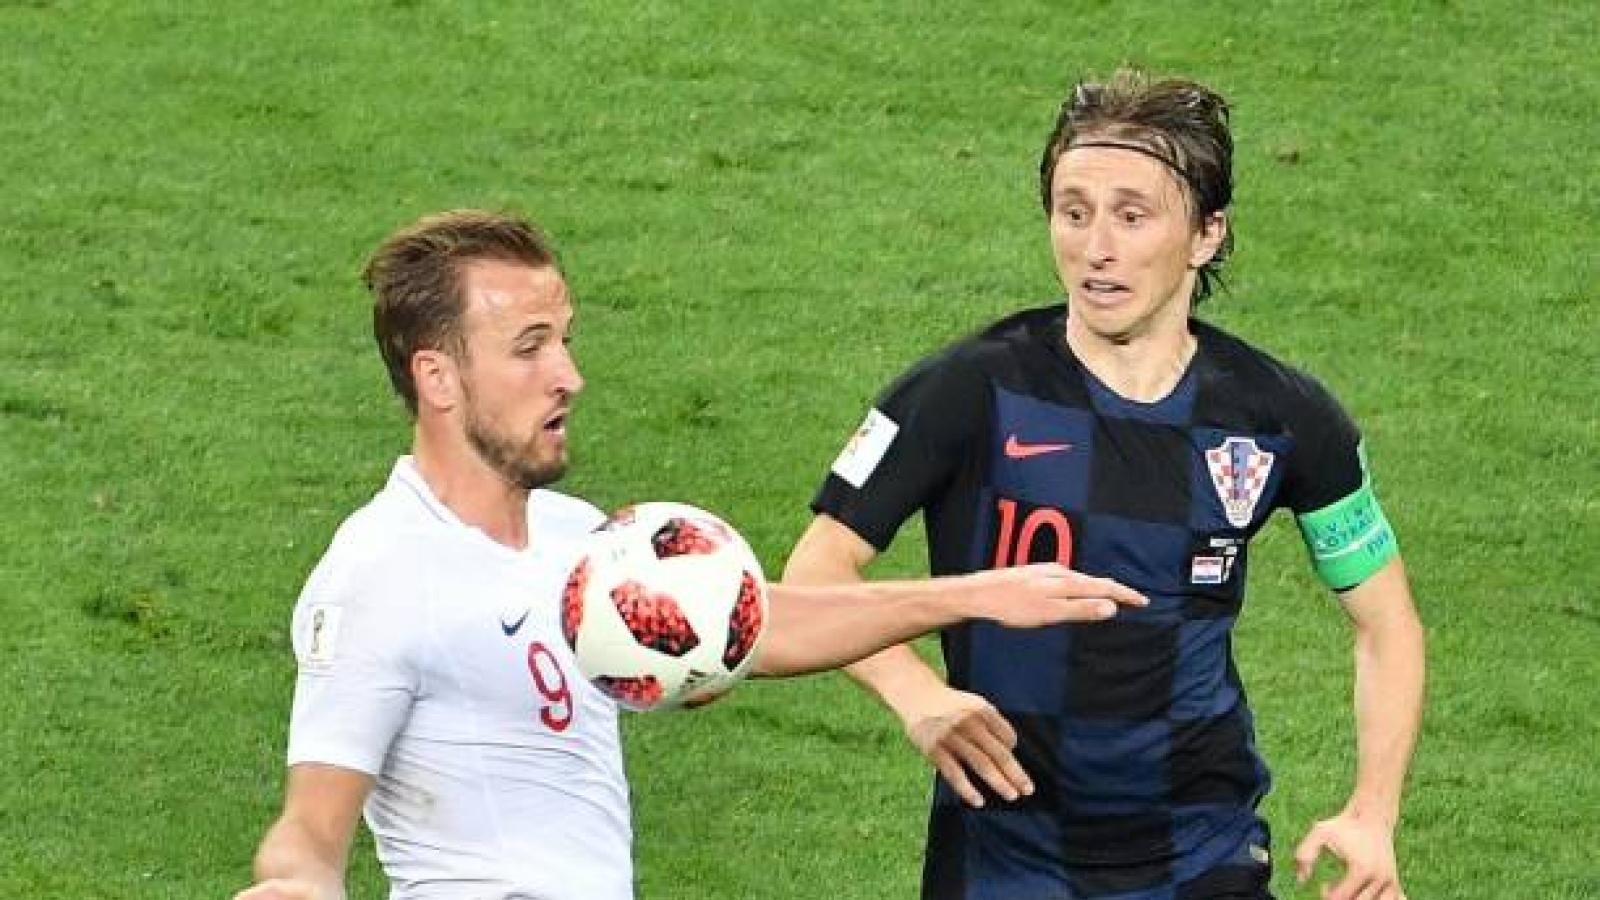 Góc BLV: ĐT Anh có thể đánh bại ĐT Croatia nhờ sức trẻ